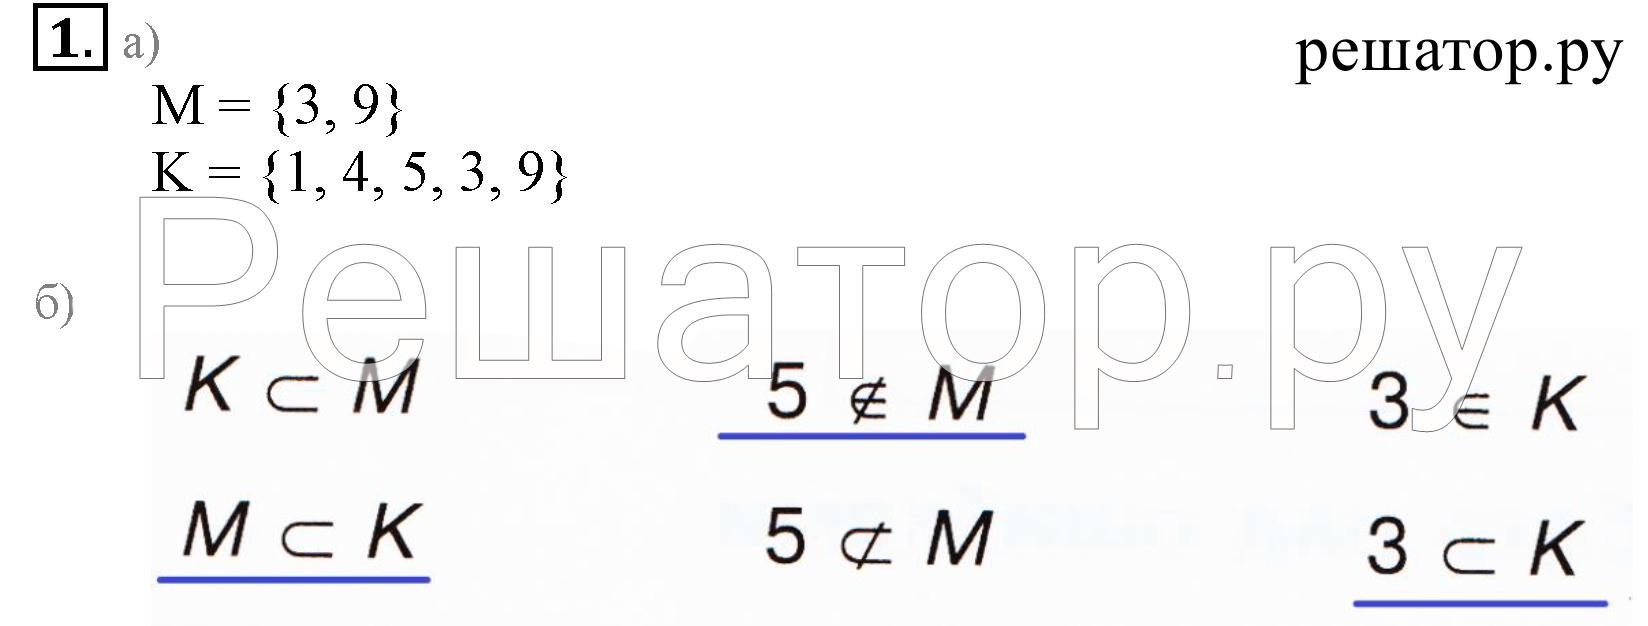 ГДЗ к самостоятельным и контрольным работам по математике класс  Самостоятельная работа к урокам 9 11 стр 9 10 1 2 3 4 5 Самостоятельная работа к урокам 12 15 стр 11 12 1 2 3 4 5 Контрольная работа к урокам 1 3